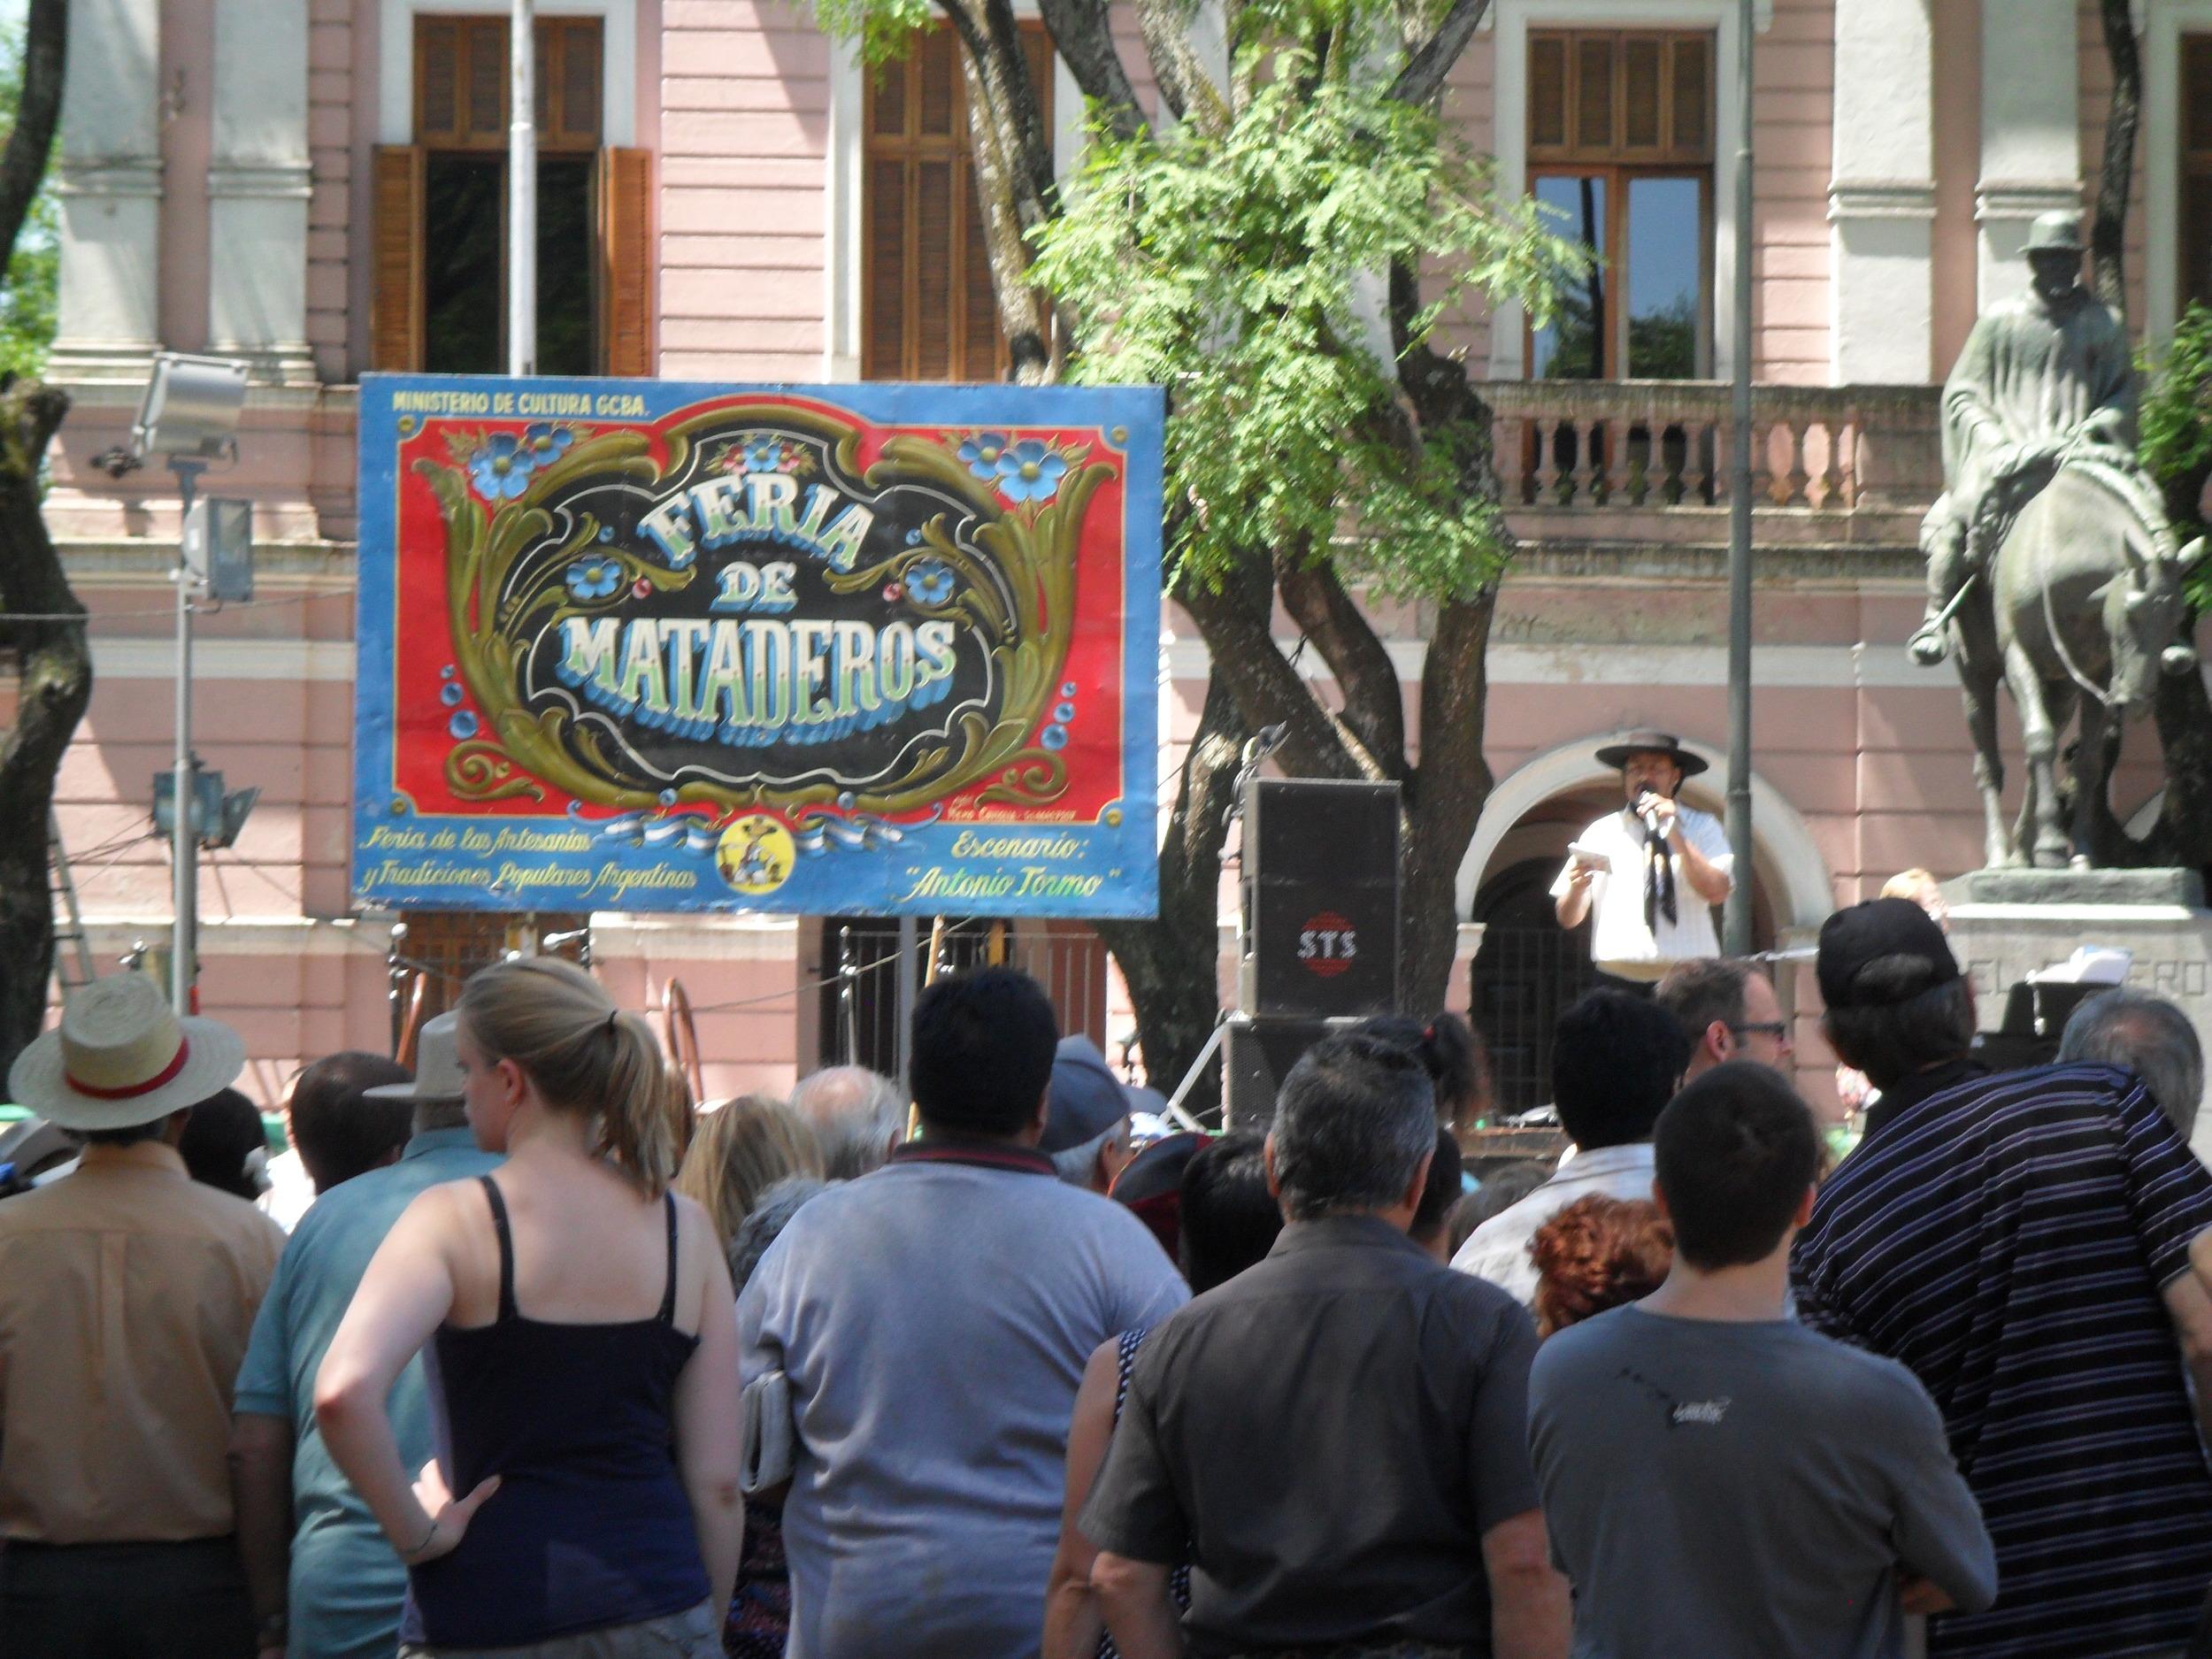 Feria_de_mataderos_1